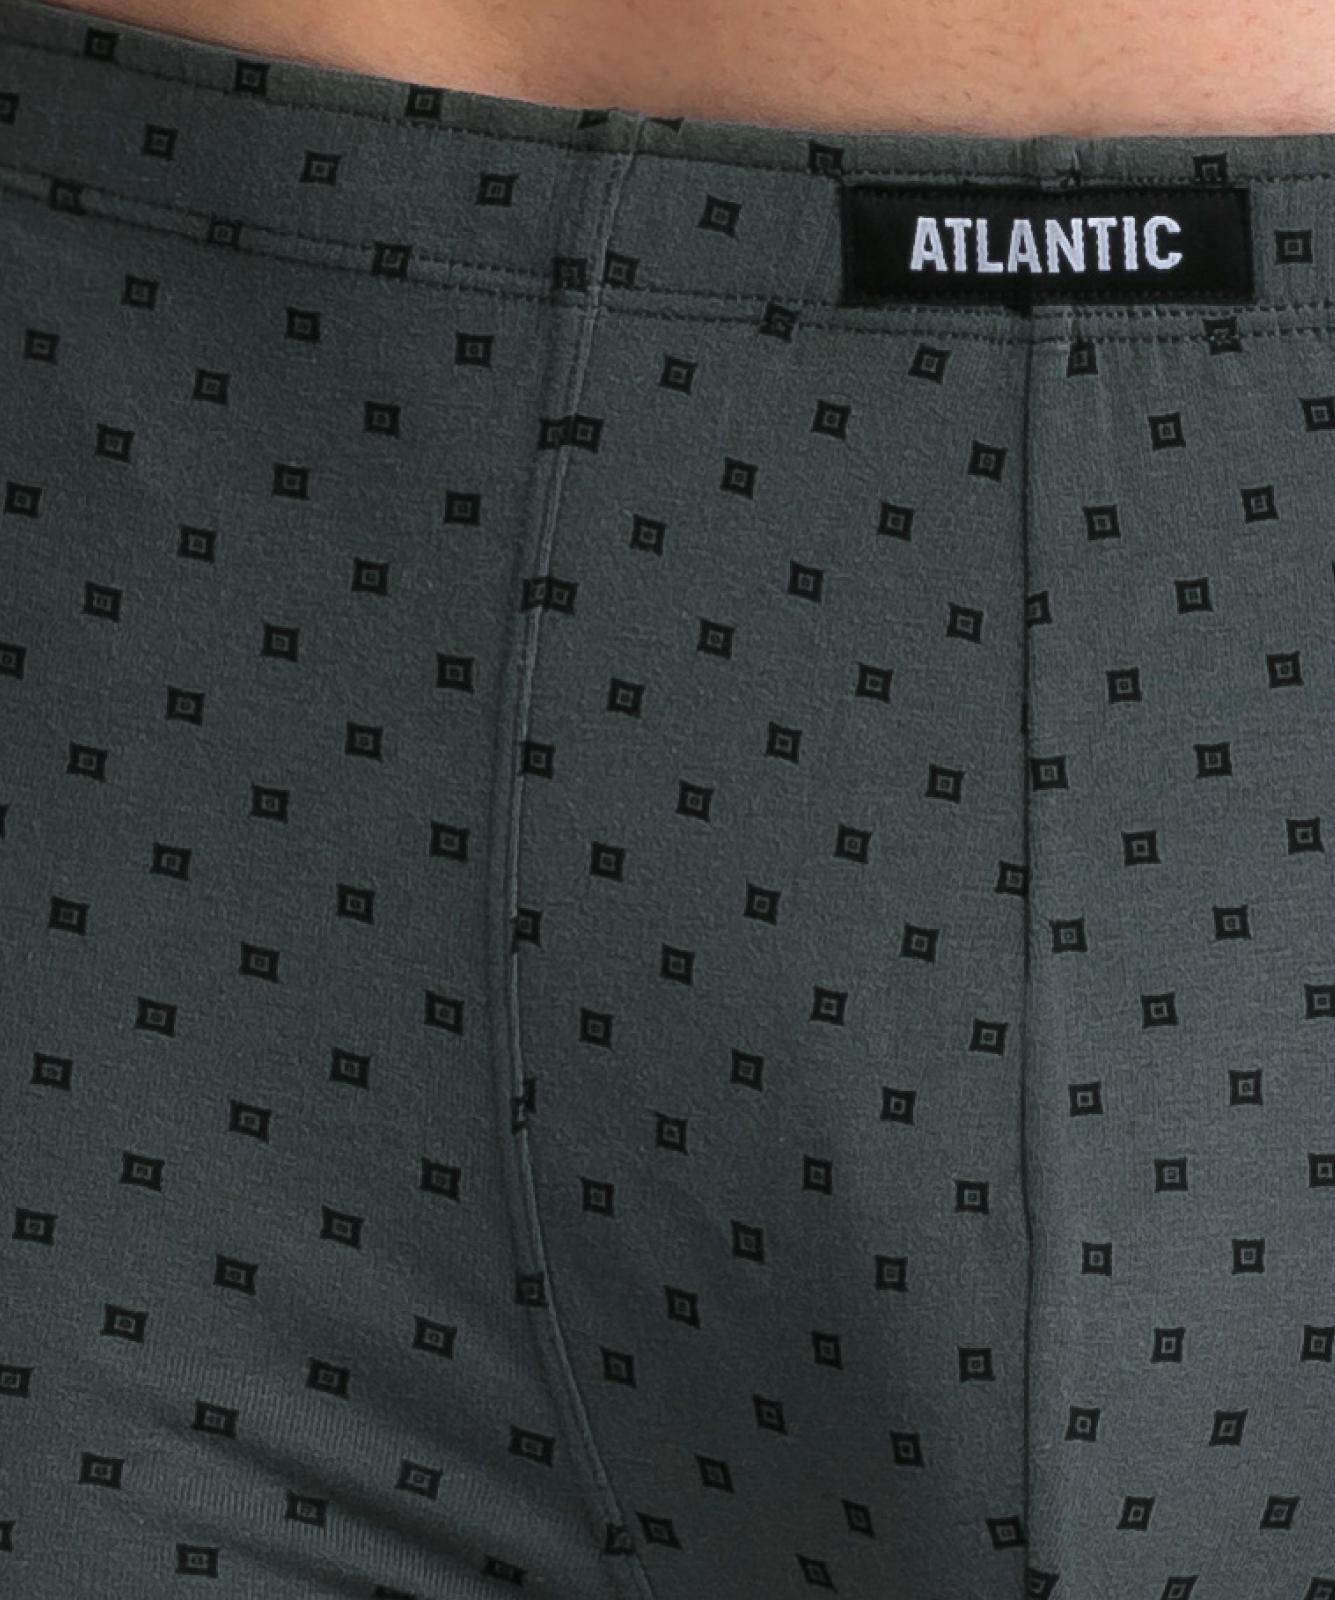 Мужские трусы шорты Atlantic, набор из 3 шт., хлопок, черные + серый меланж + хаки, 3MH-030